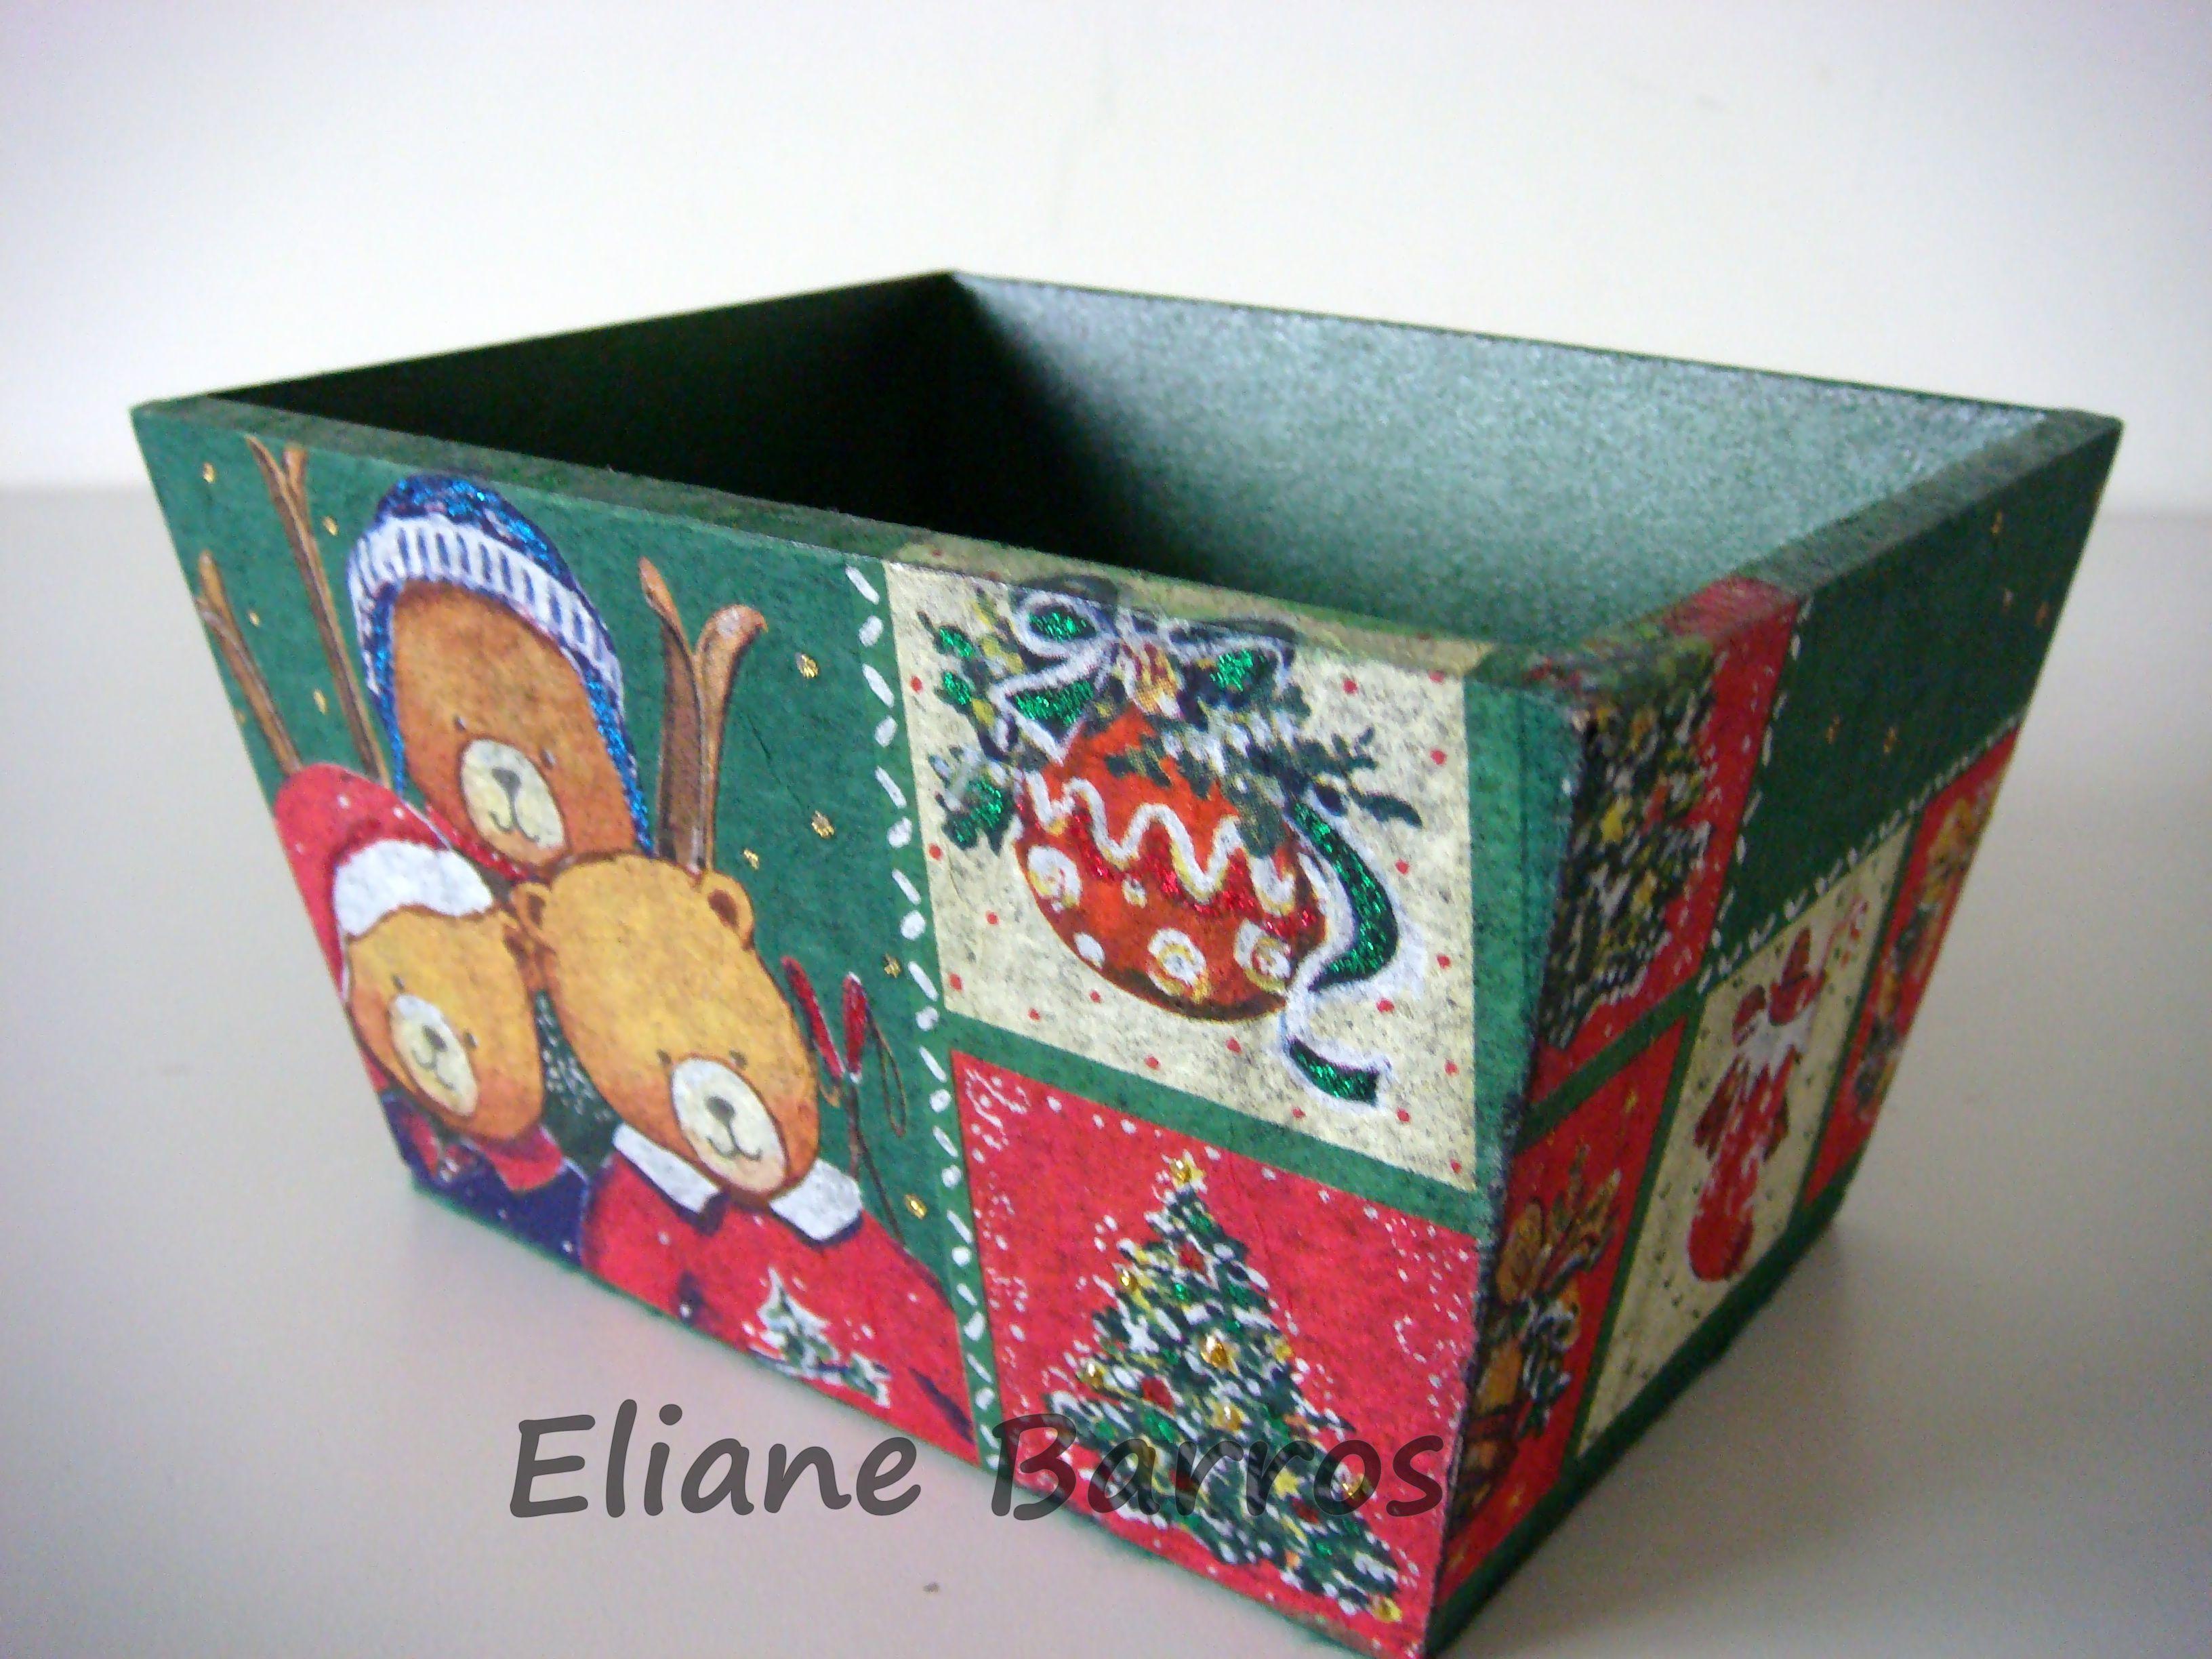 cachepô de madeira com decoupage, feito por Eliane Barros